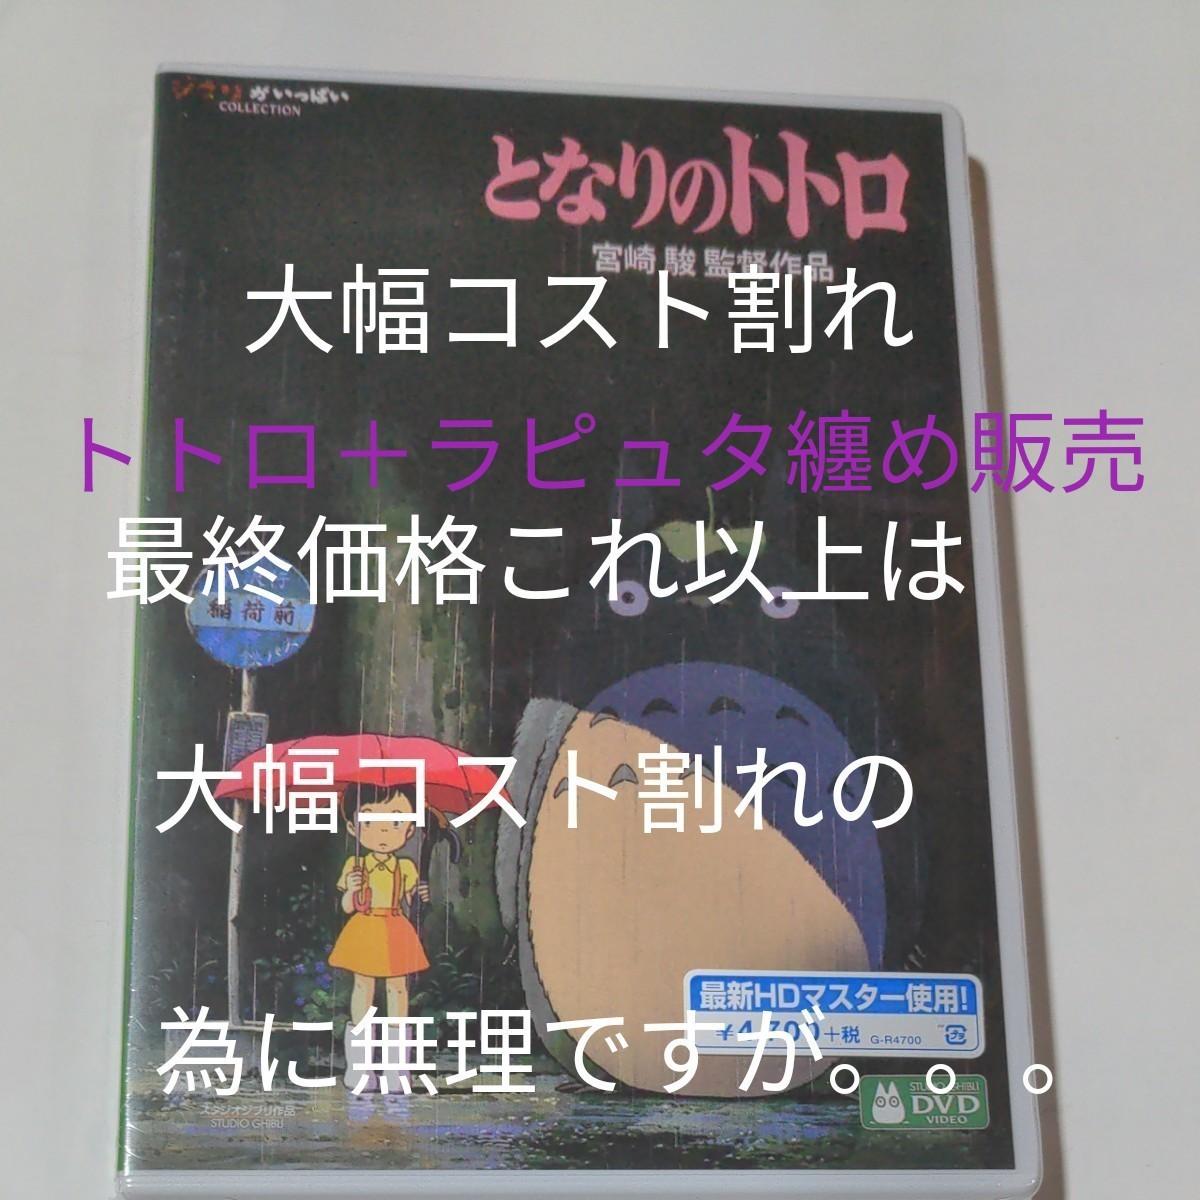 となりのトトロDVD 本編+特典ディスク2枚組+ラピュタ(Z59346808)